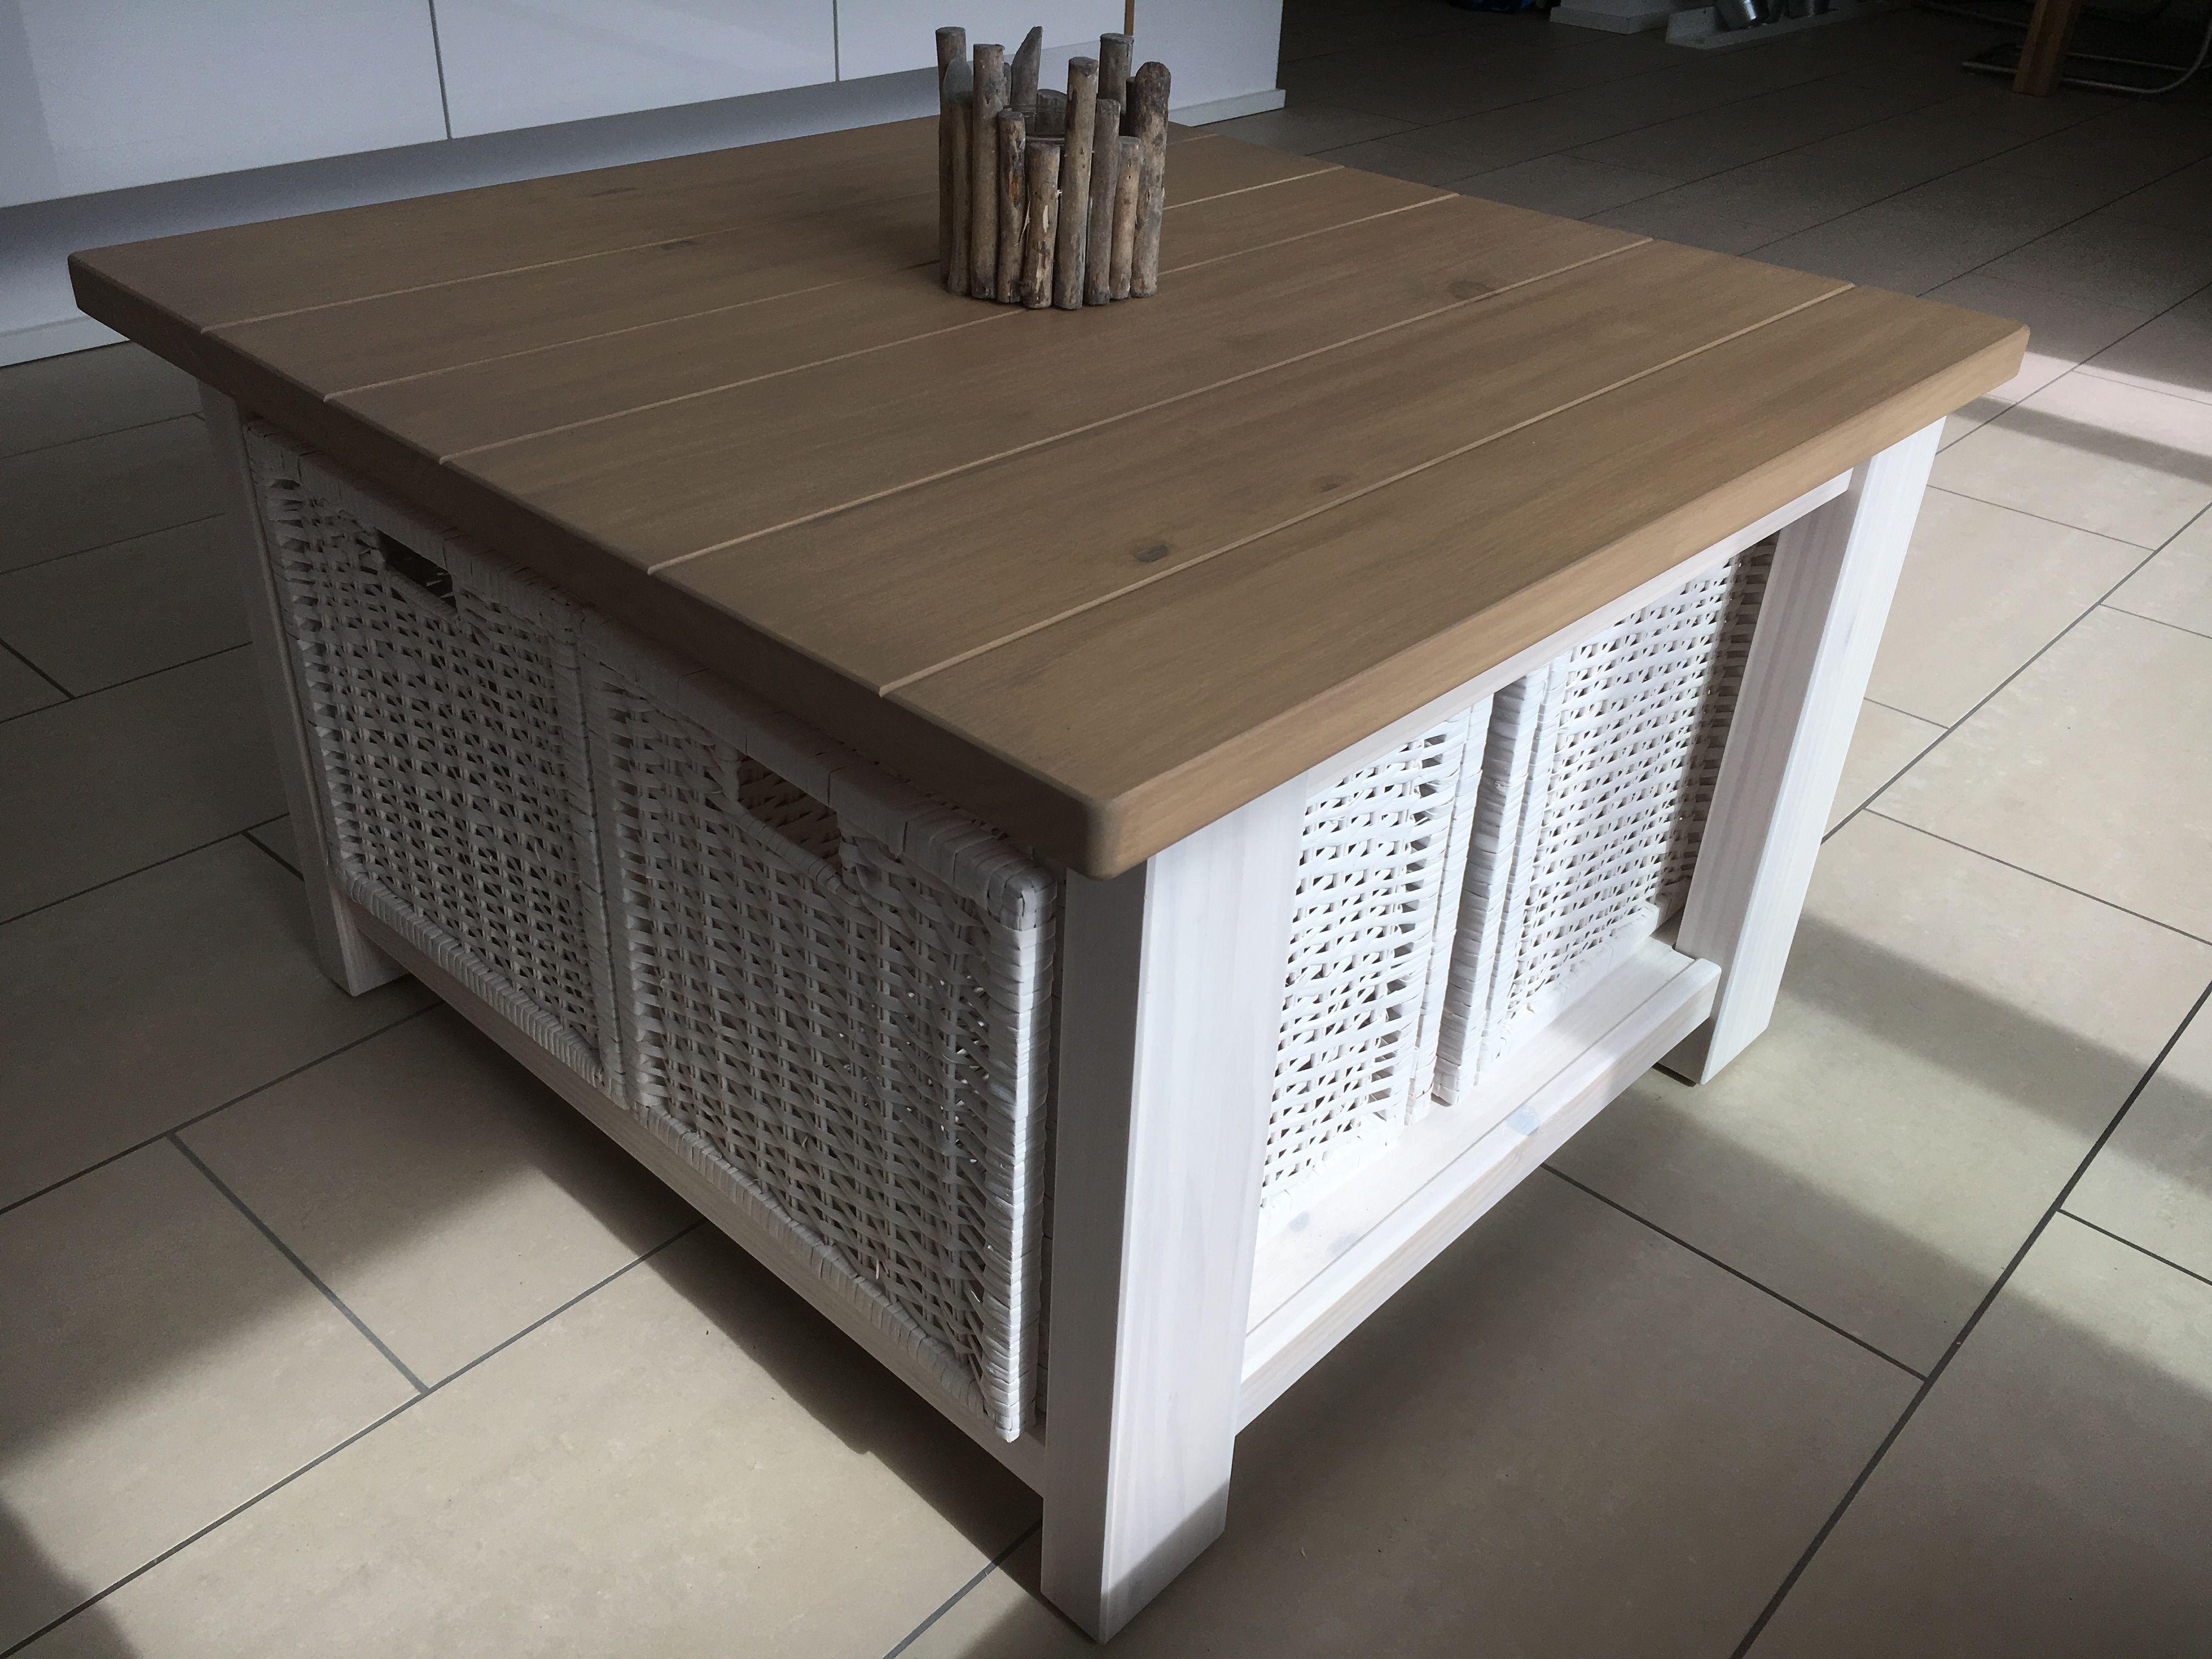 ikea hack diy rekarne couchtisch mit bran s k rben zuerst abgeschliffen k rnung 80 120 240. Black Bedroom Furniture Sets. Home Design Ideas